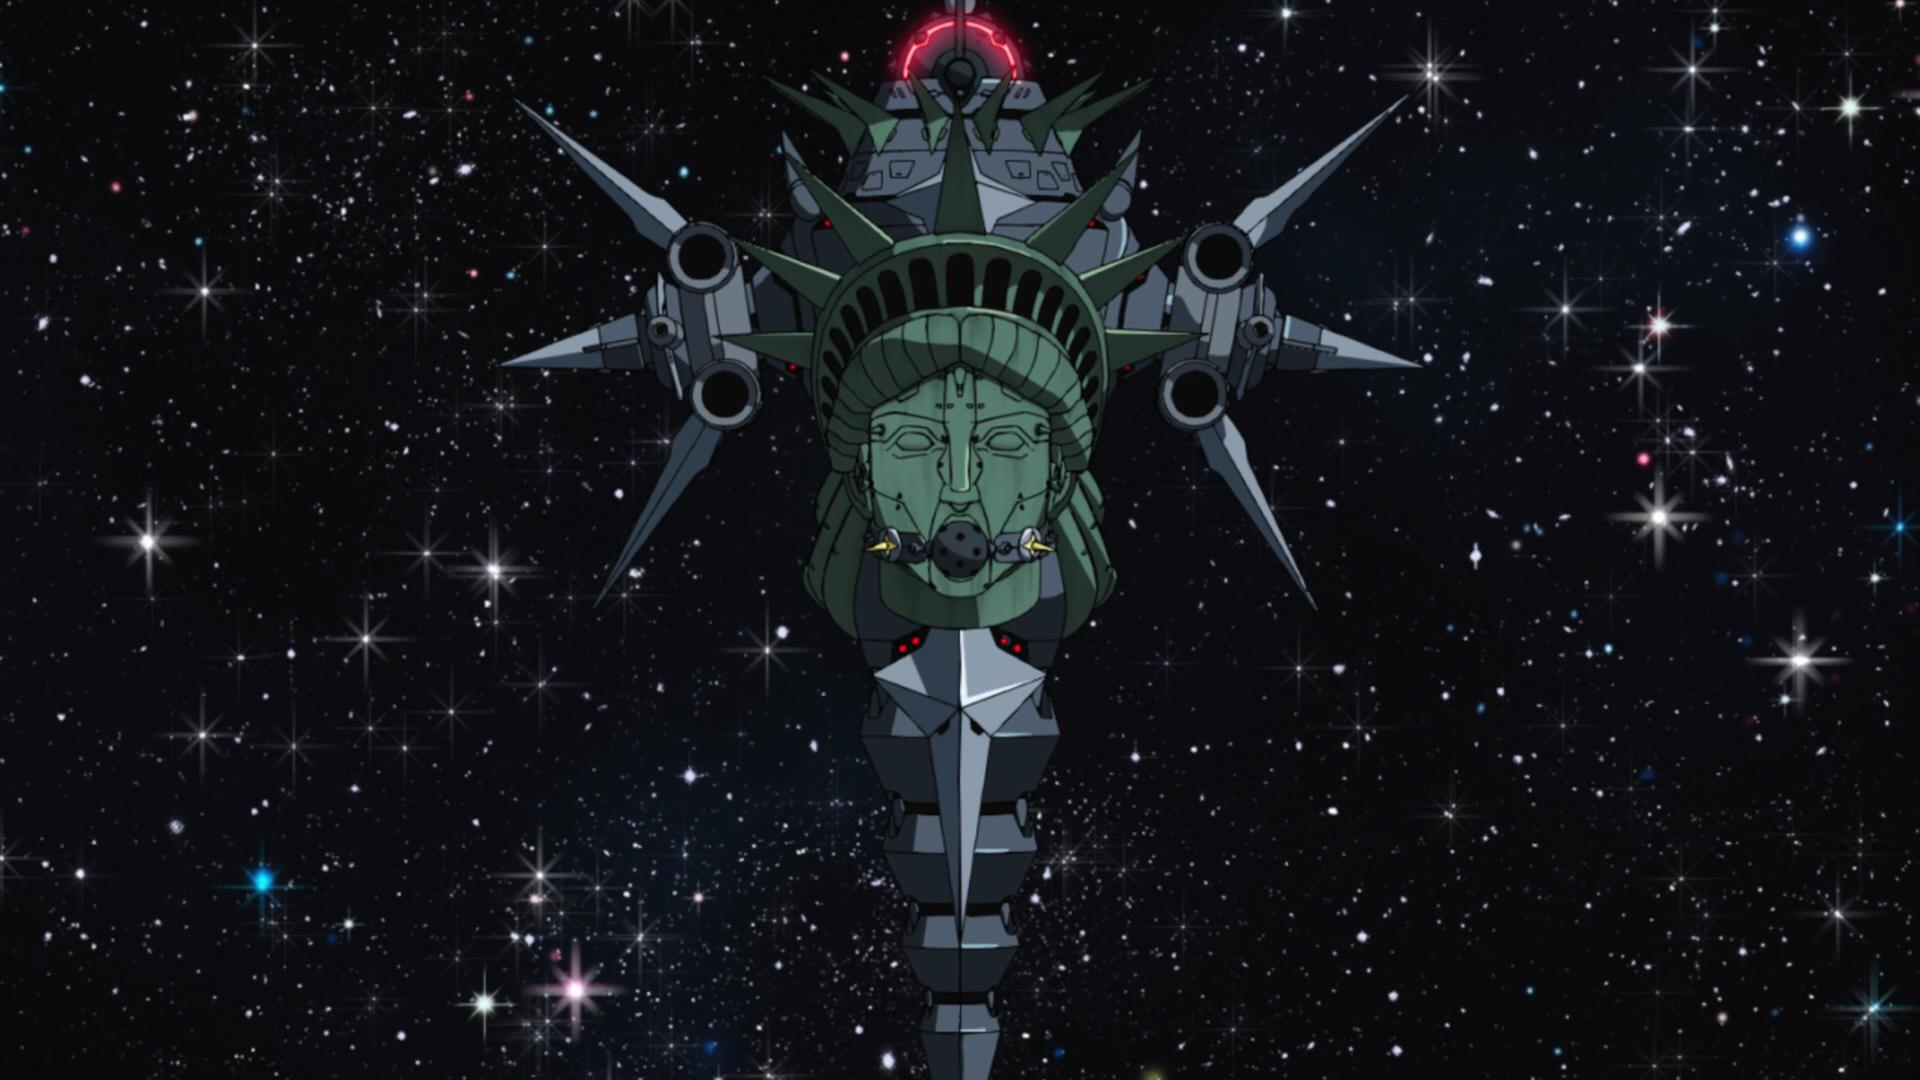 Космический корабль с мордой статуи свободы у которой БДСМ кляп во рту!. - Изображение 1